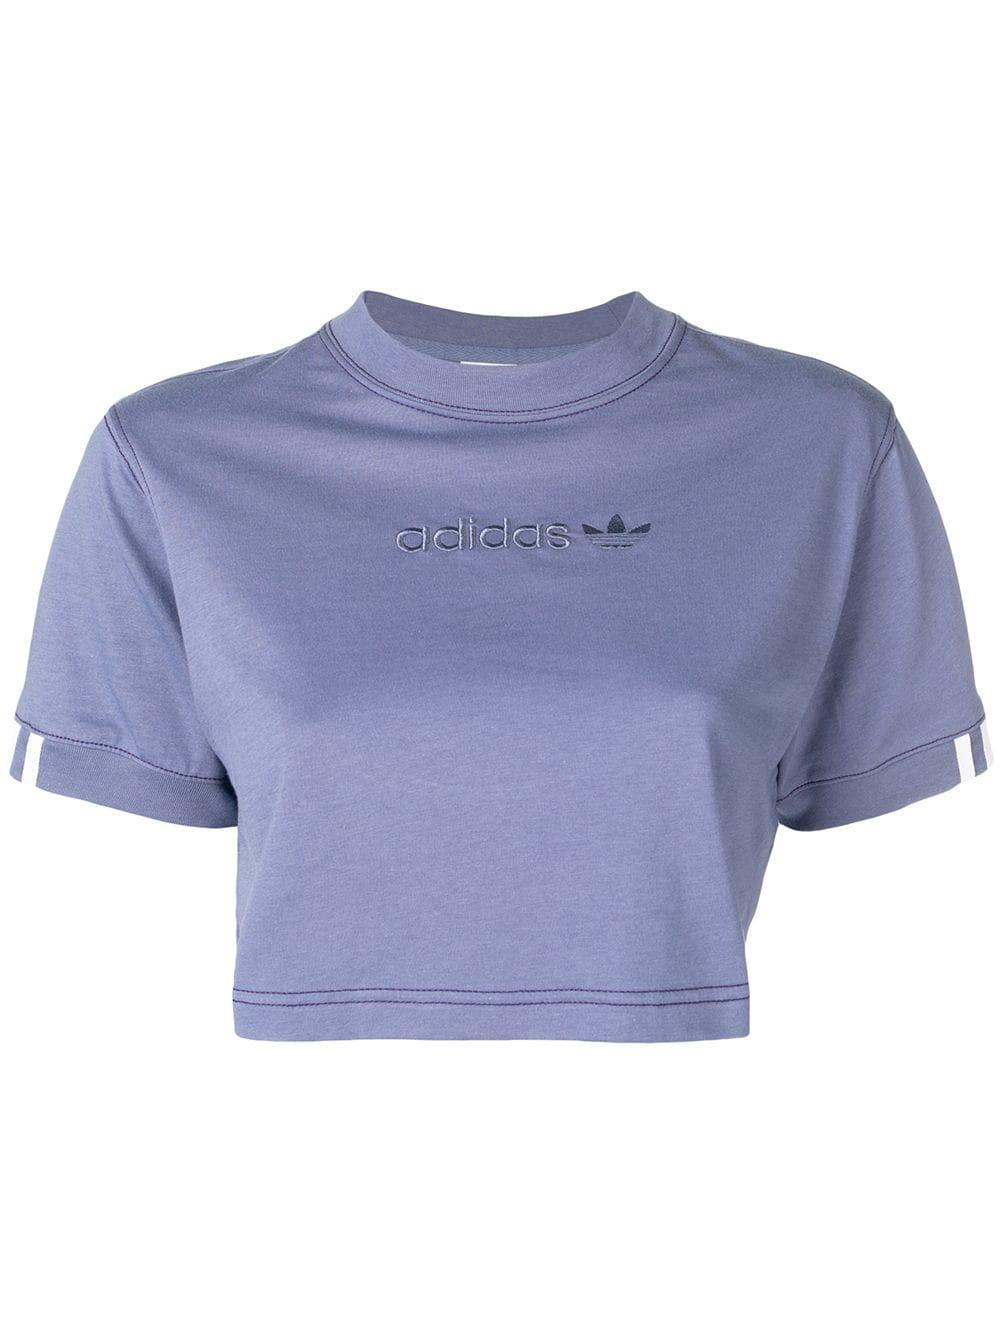 eec253e2d47 Adidas Originals Adidas Coeeze Cropped T-Shirt - Purple